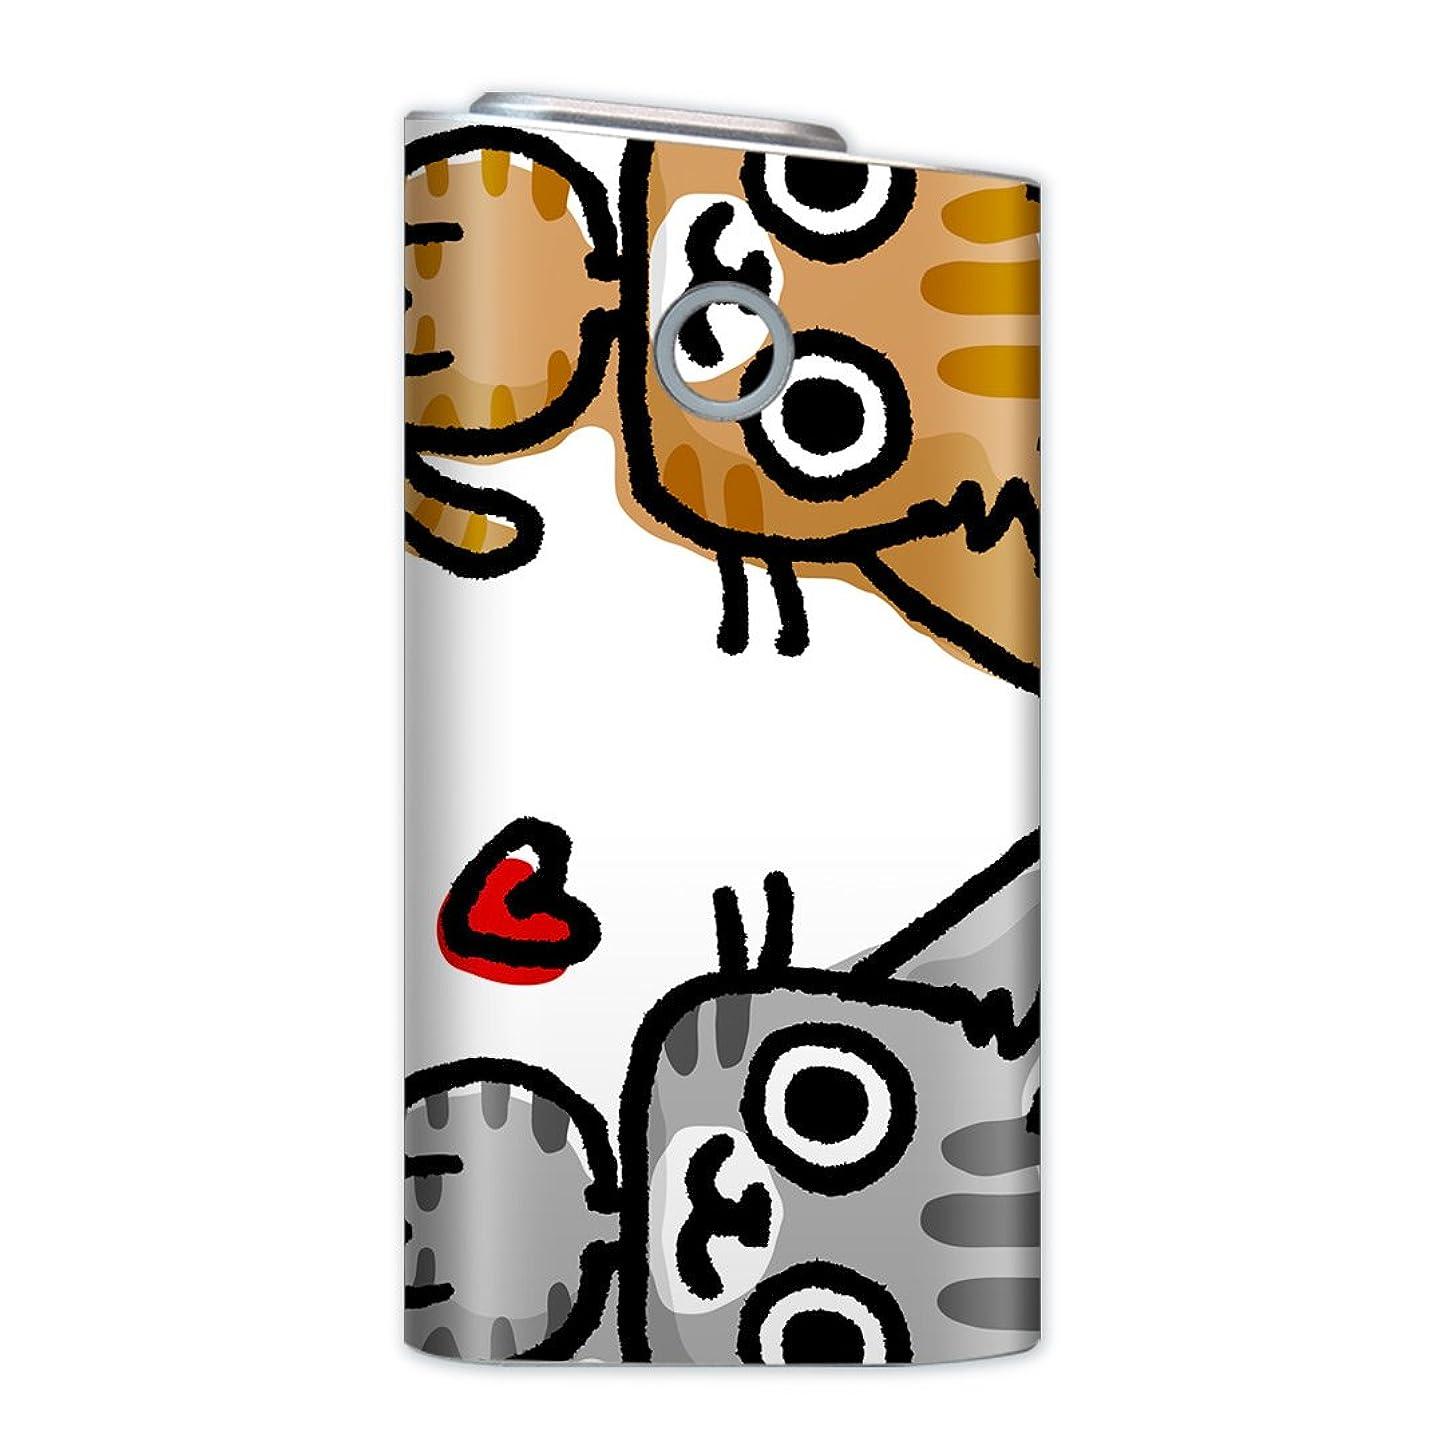 一晩呼びかけるアラブ人glo グロー グロウ 専用スキンシール 裏表2枚セット カバー ケース 保護 フィルム ステッカー デコ アクセサリー 電子たばこ タバコ 煙草 喫煙具 デザイン おしゃれ glow キャラクター 動物 猫 009216